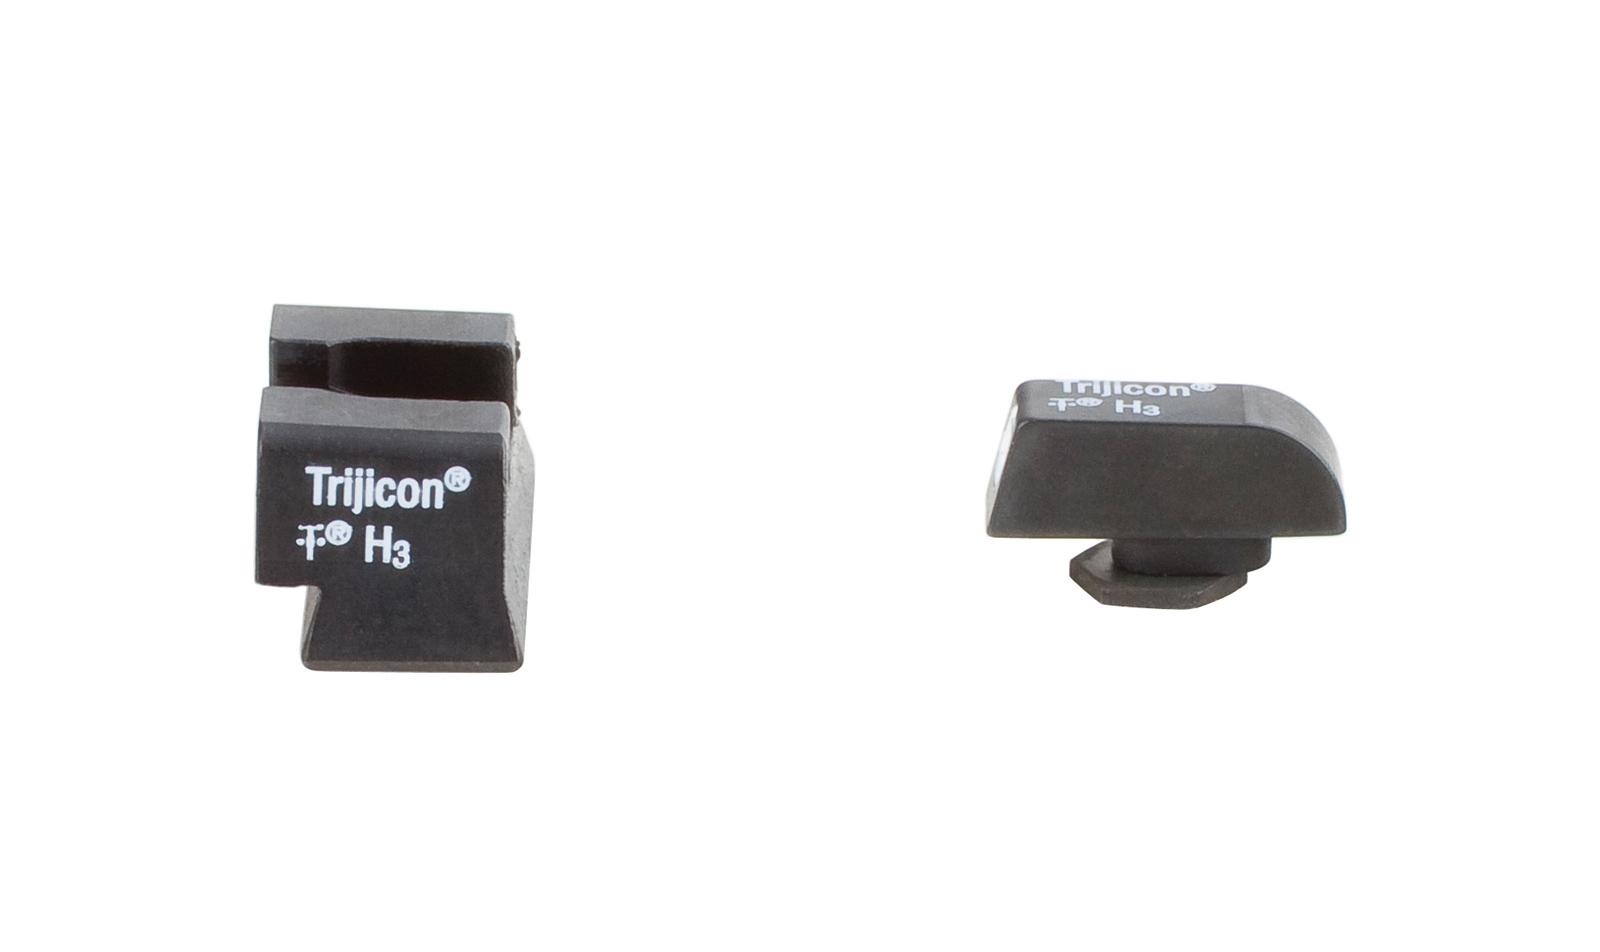 GL13-C-600779 angle 2